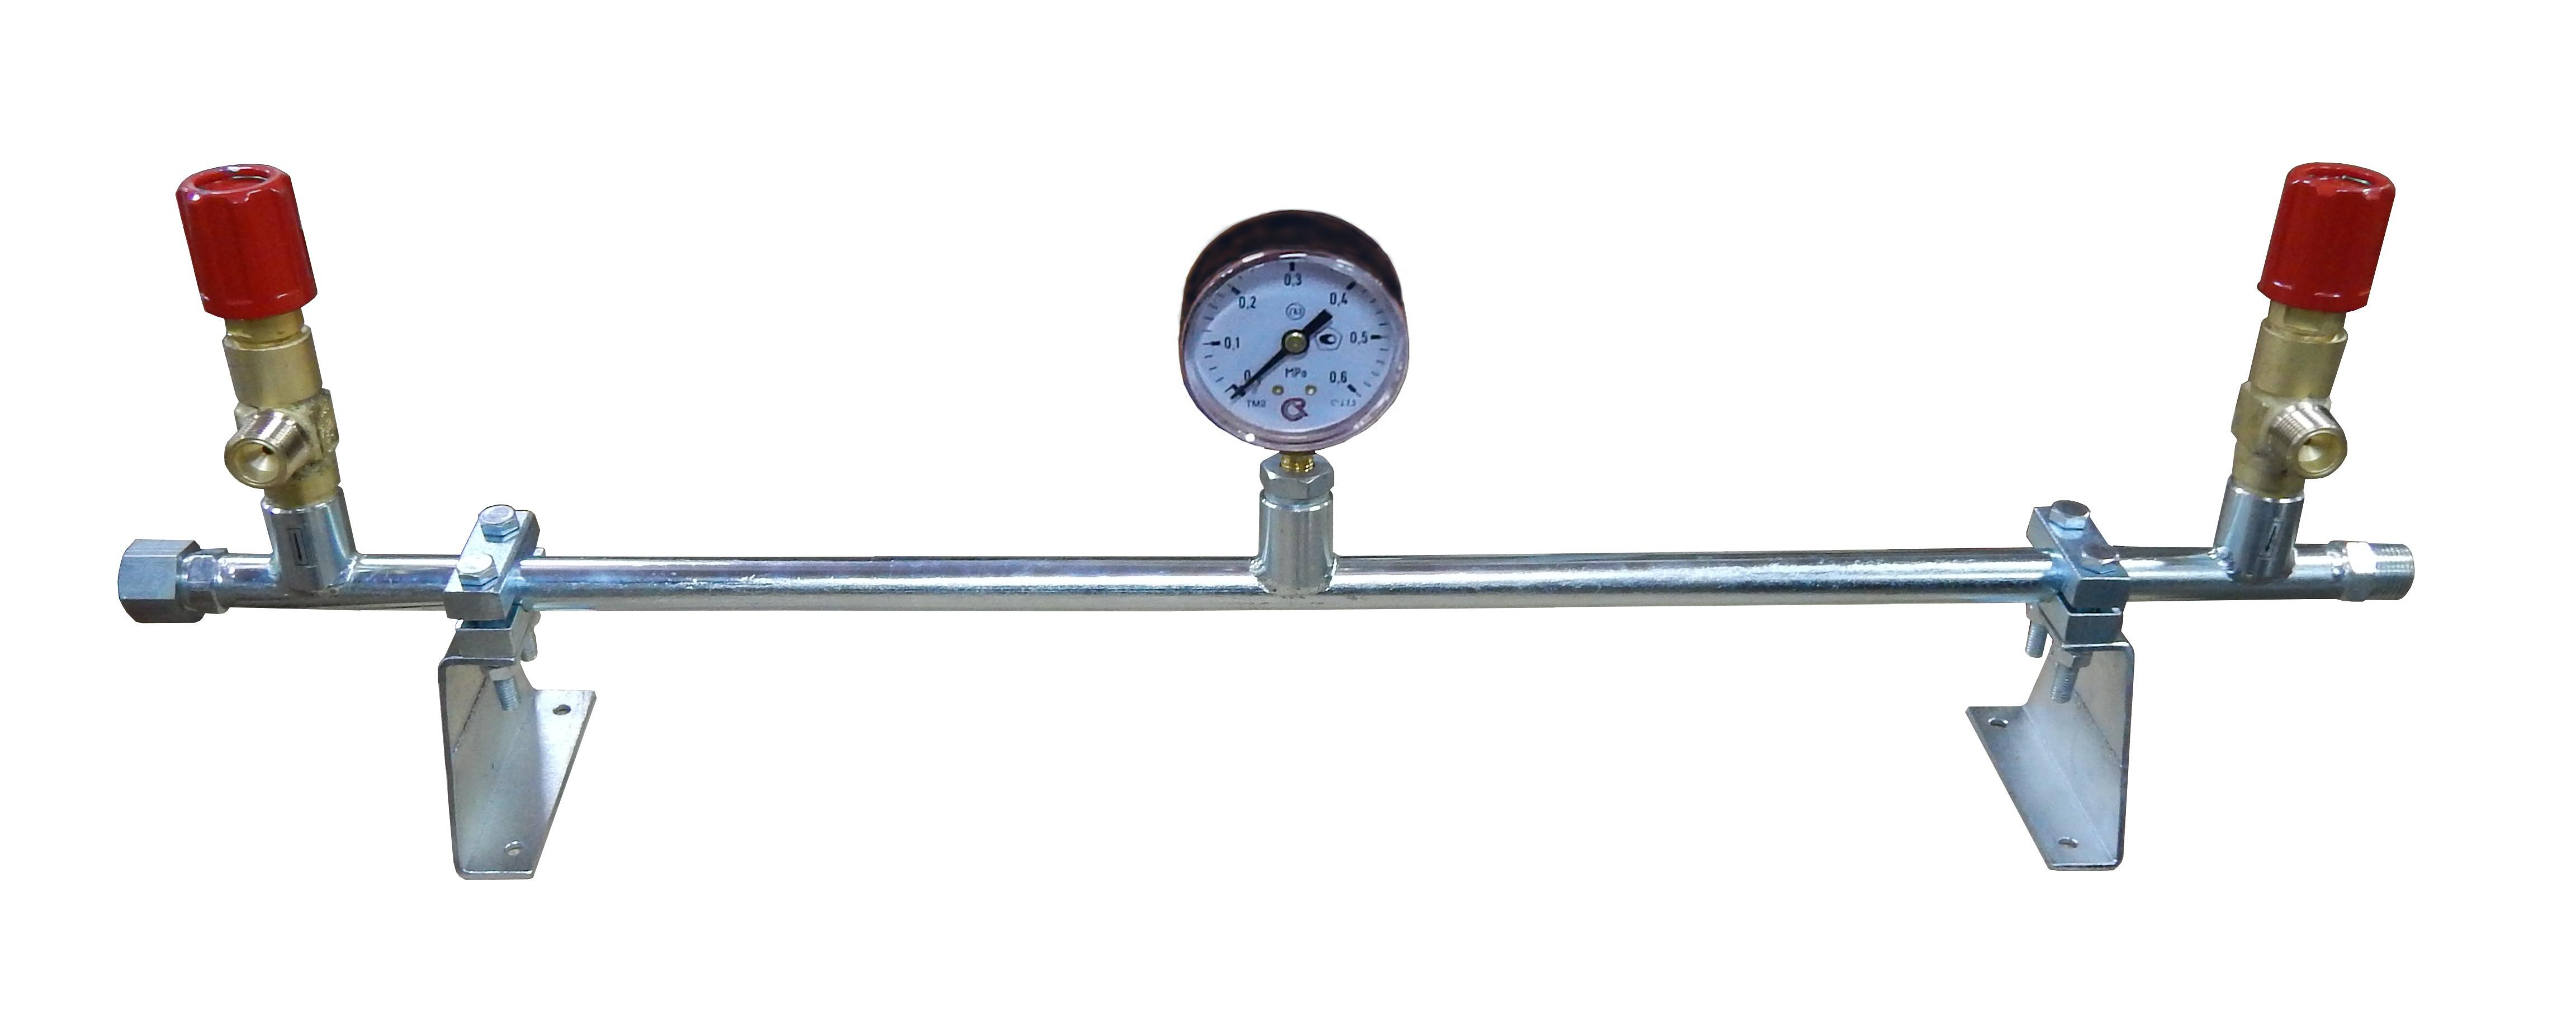 5. Коллектор пропановый 2х вентильный с манометром, манометр Д 100 мм